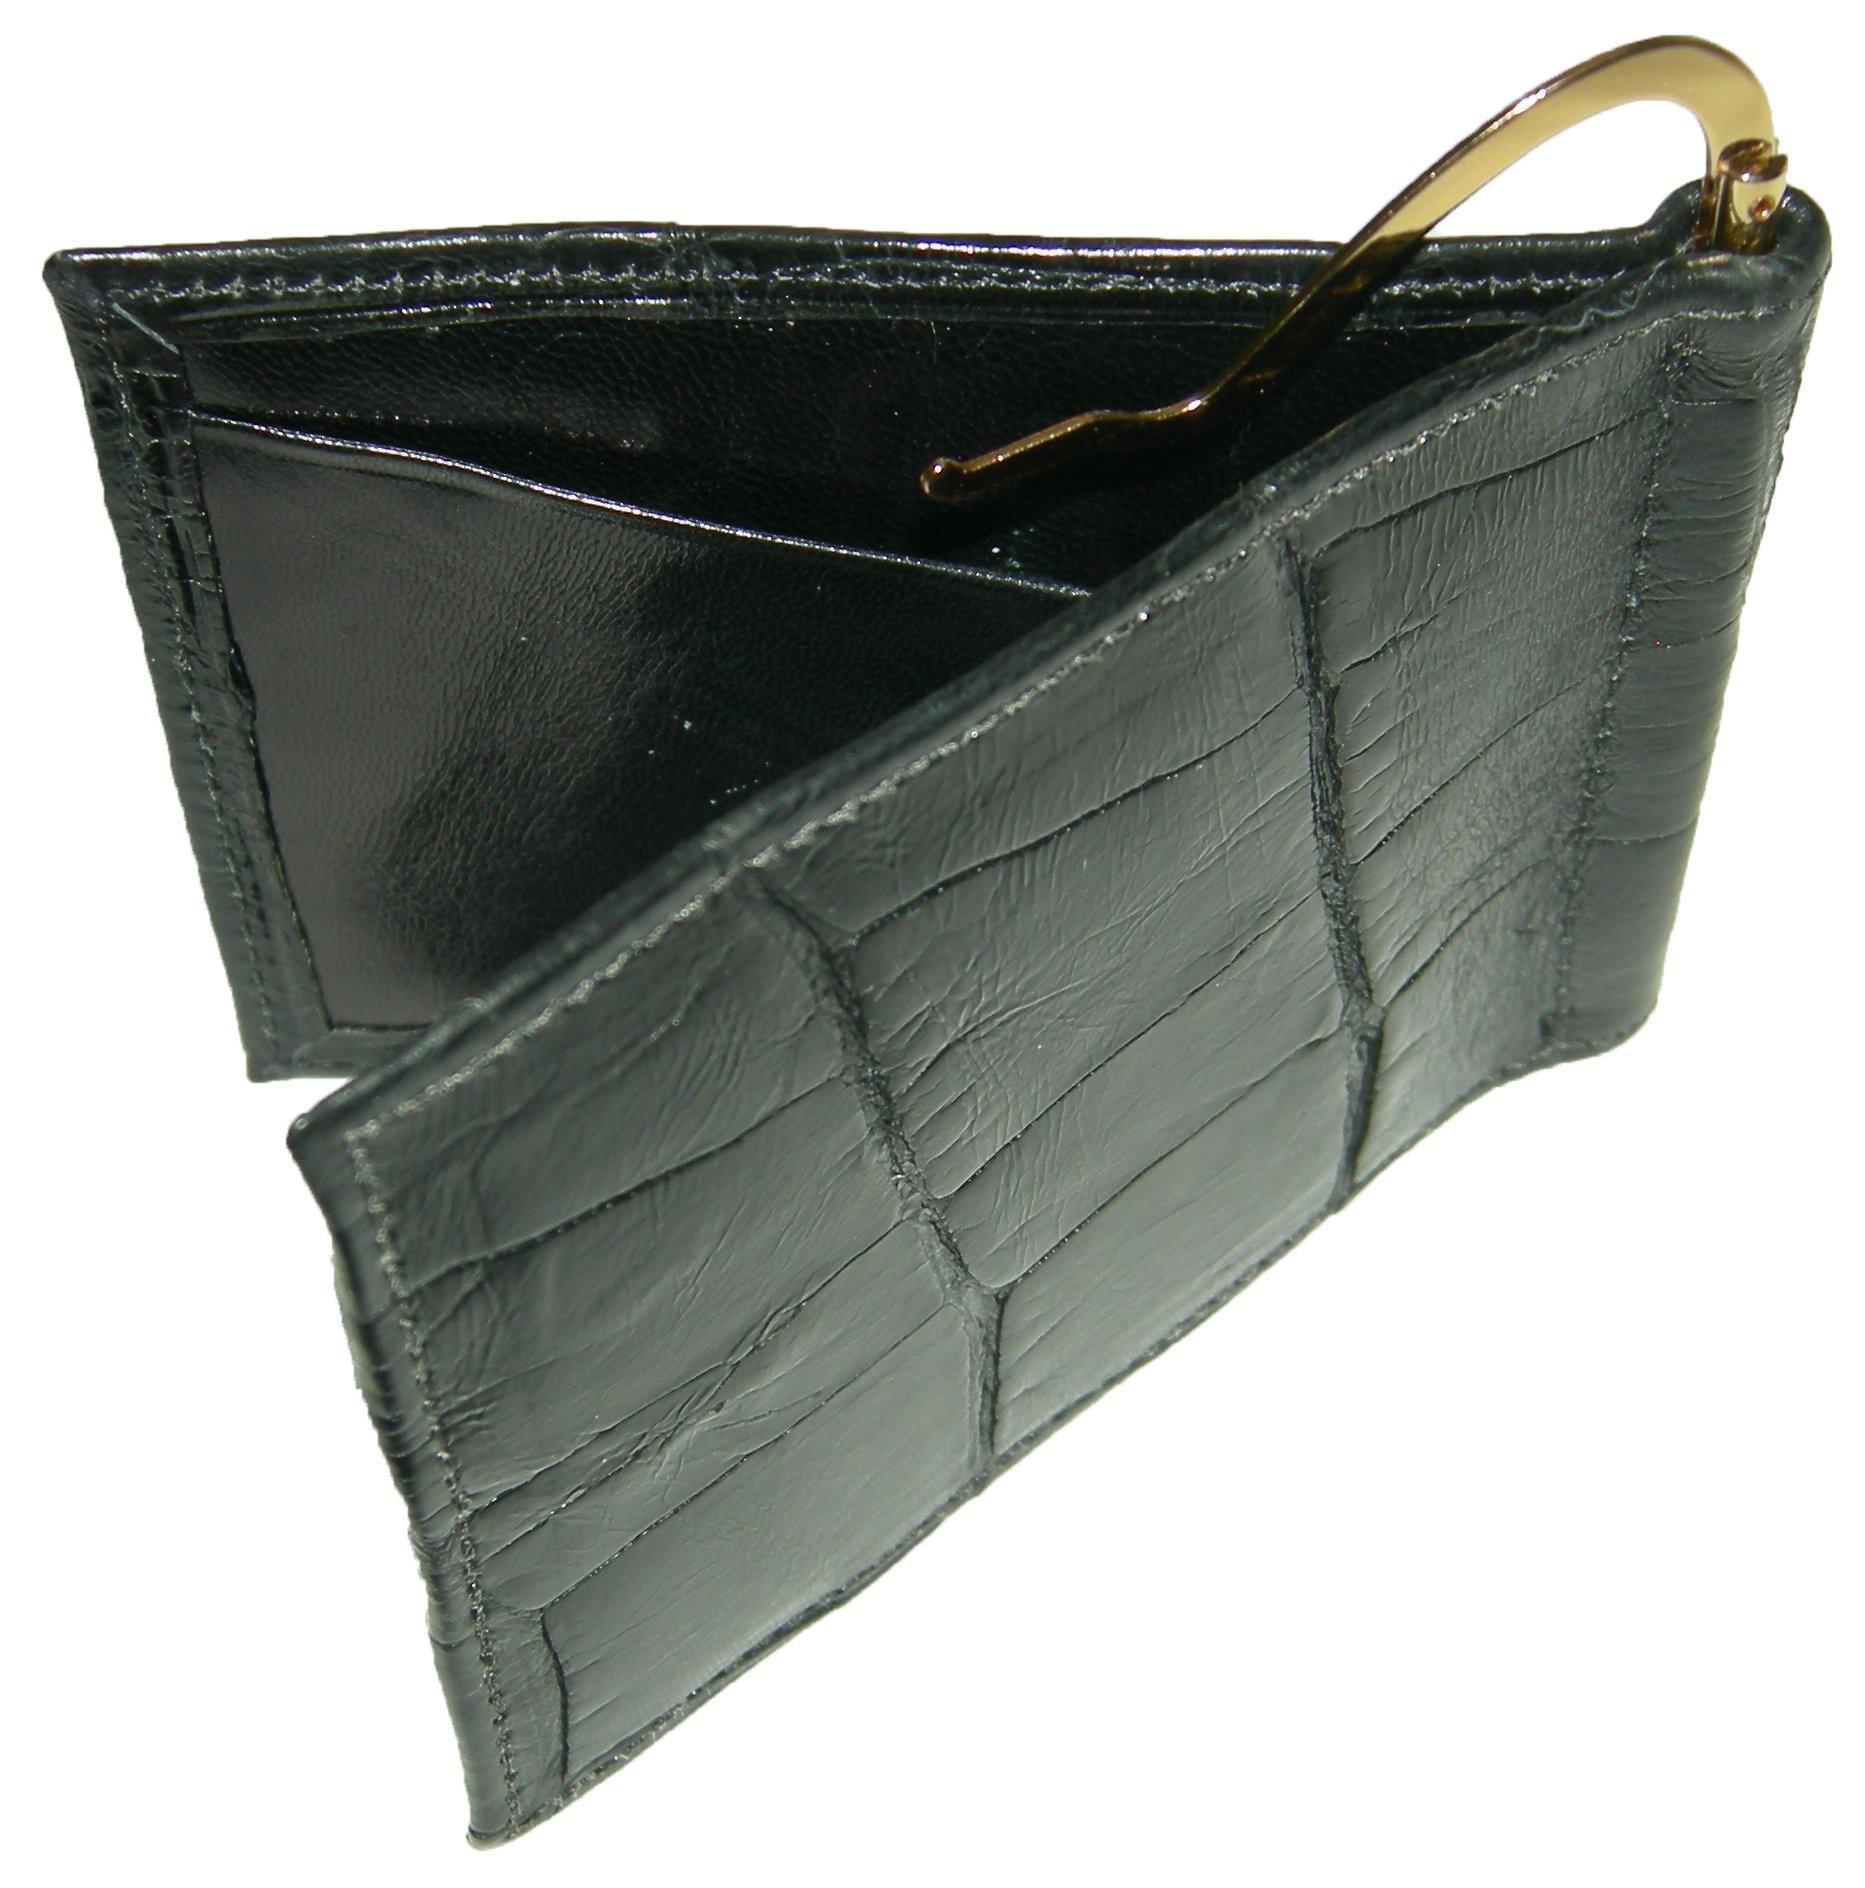 Sultan Genuine Alligator Men's Money Clip Wallet - Black Safari (Semi-Gloss) - One Size